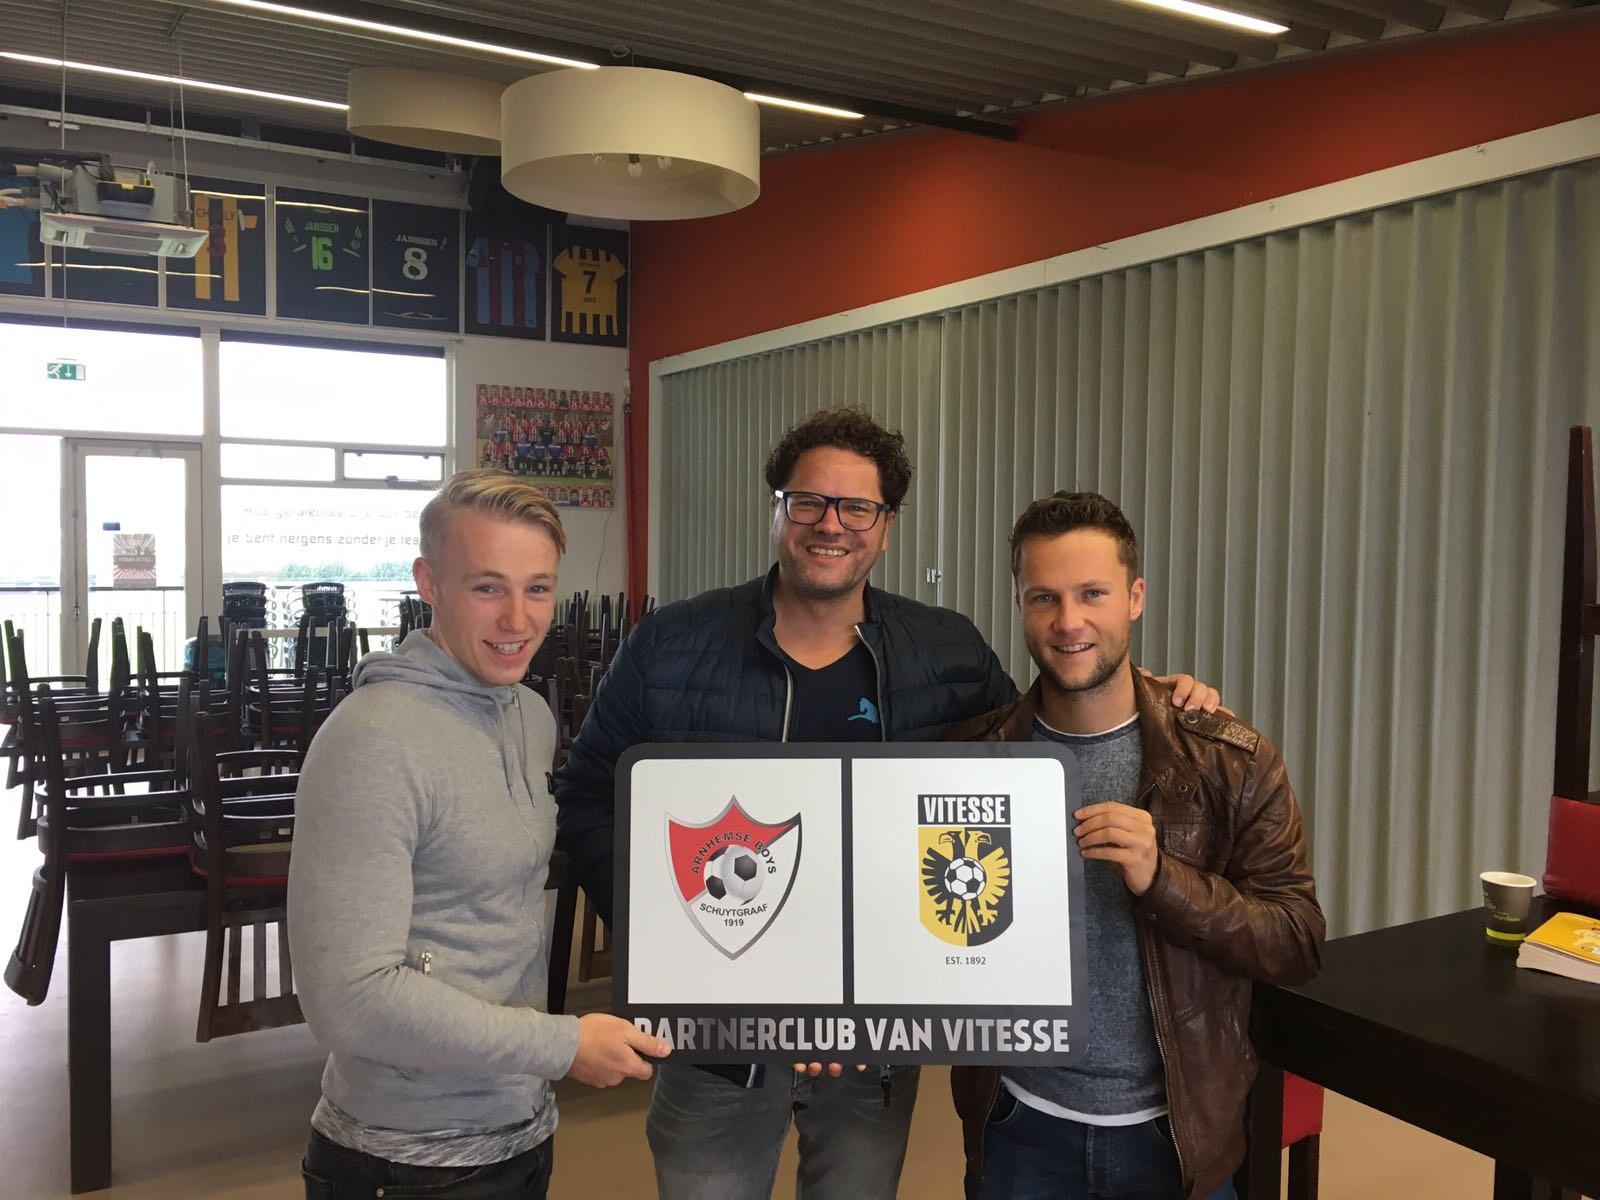 Arnhemse Boys Schuytgraaf - Partnerclub van Vitesse